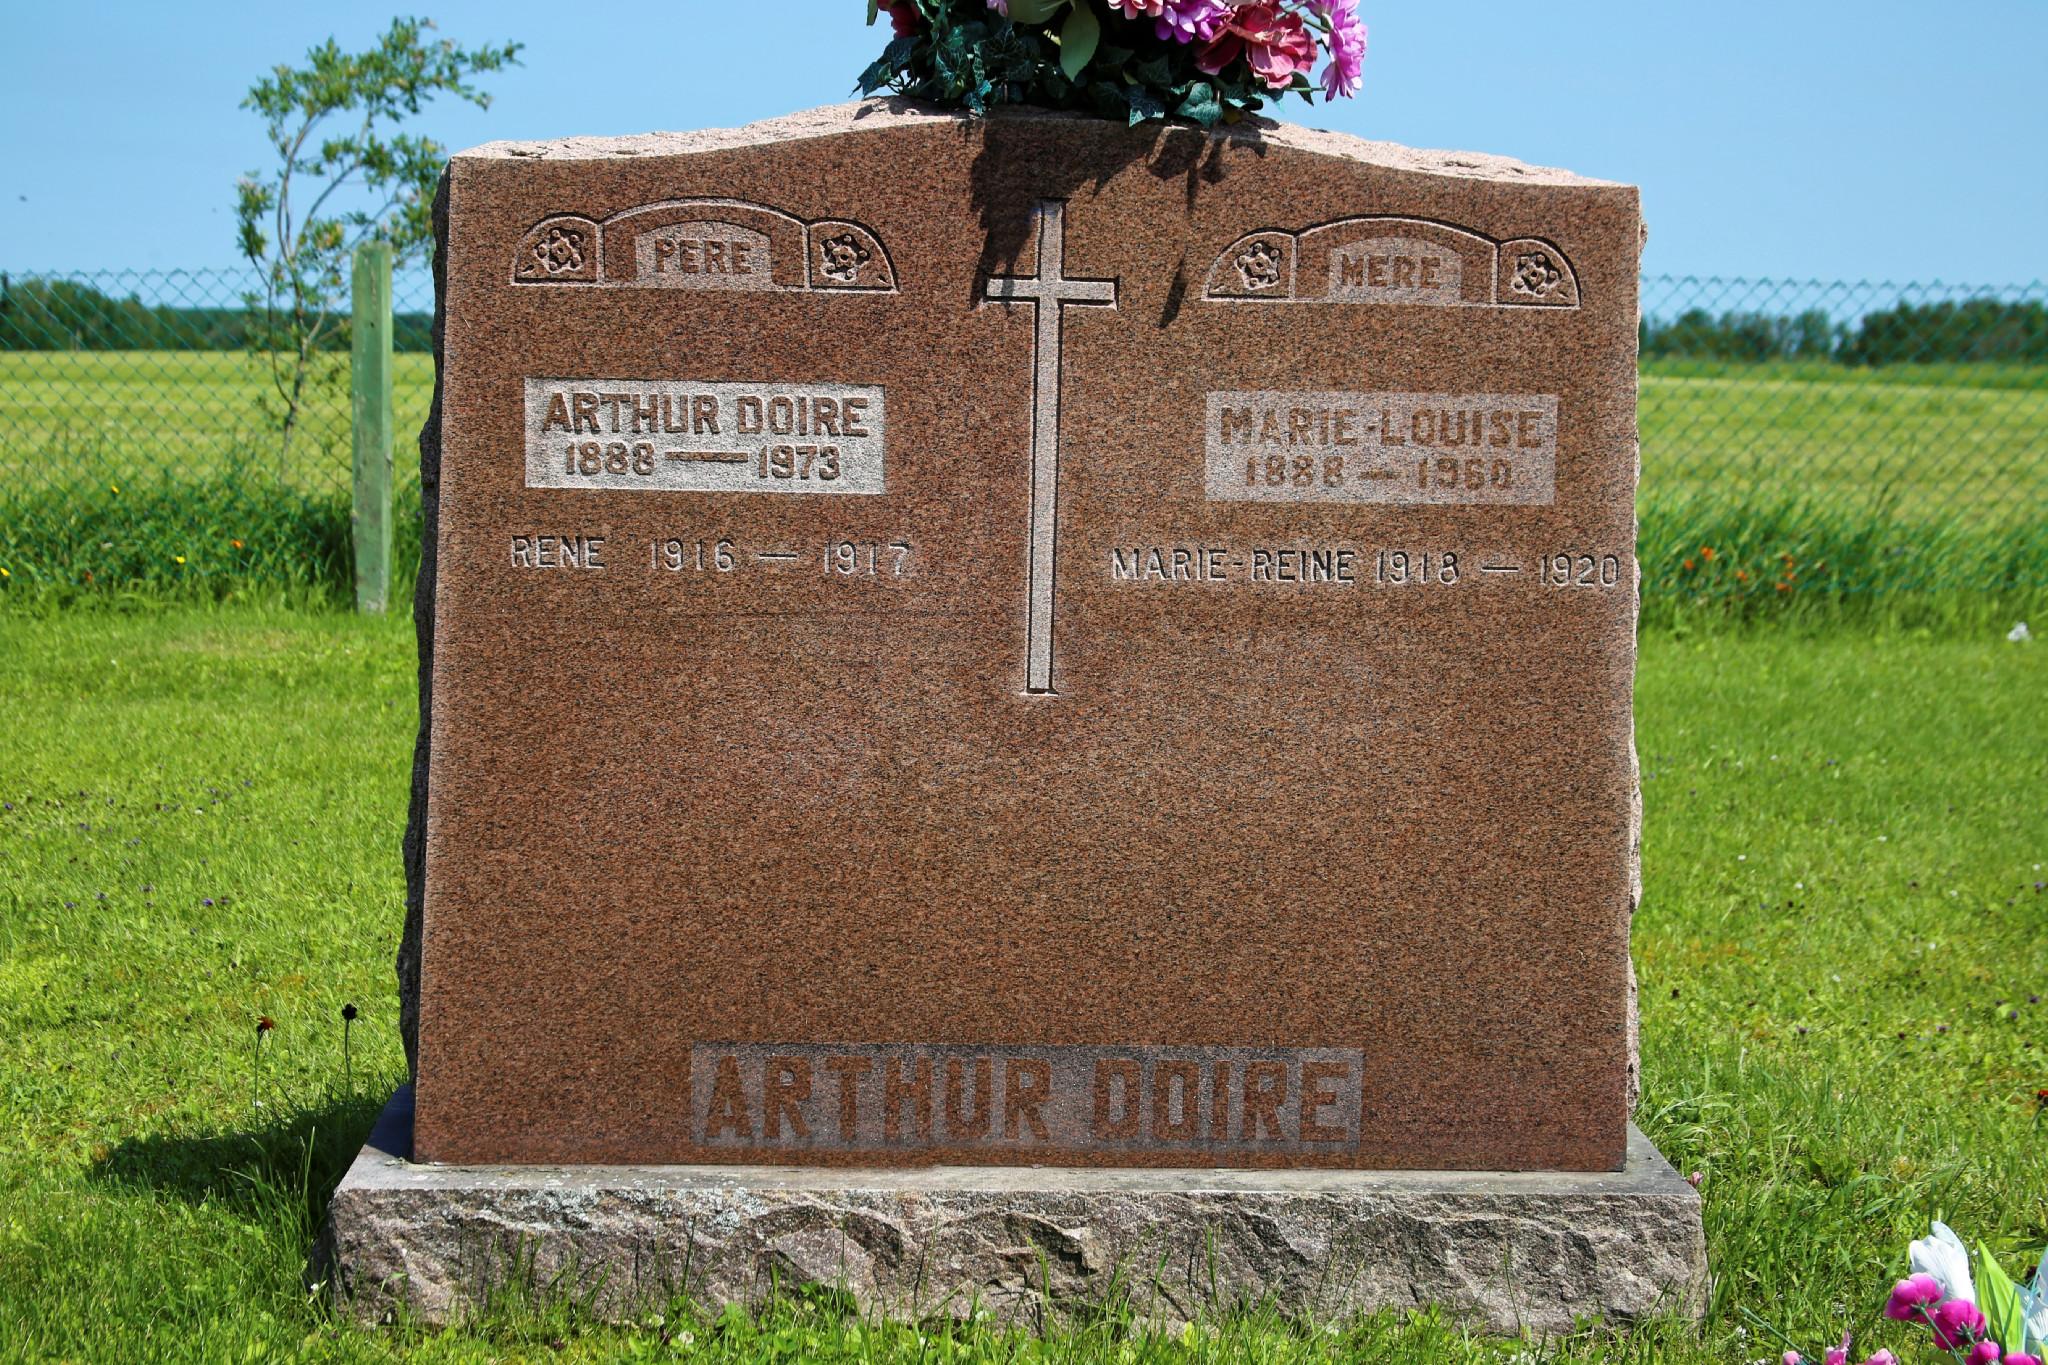 Arthur Doire